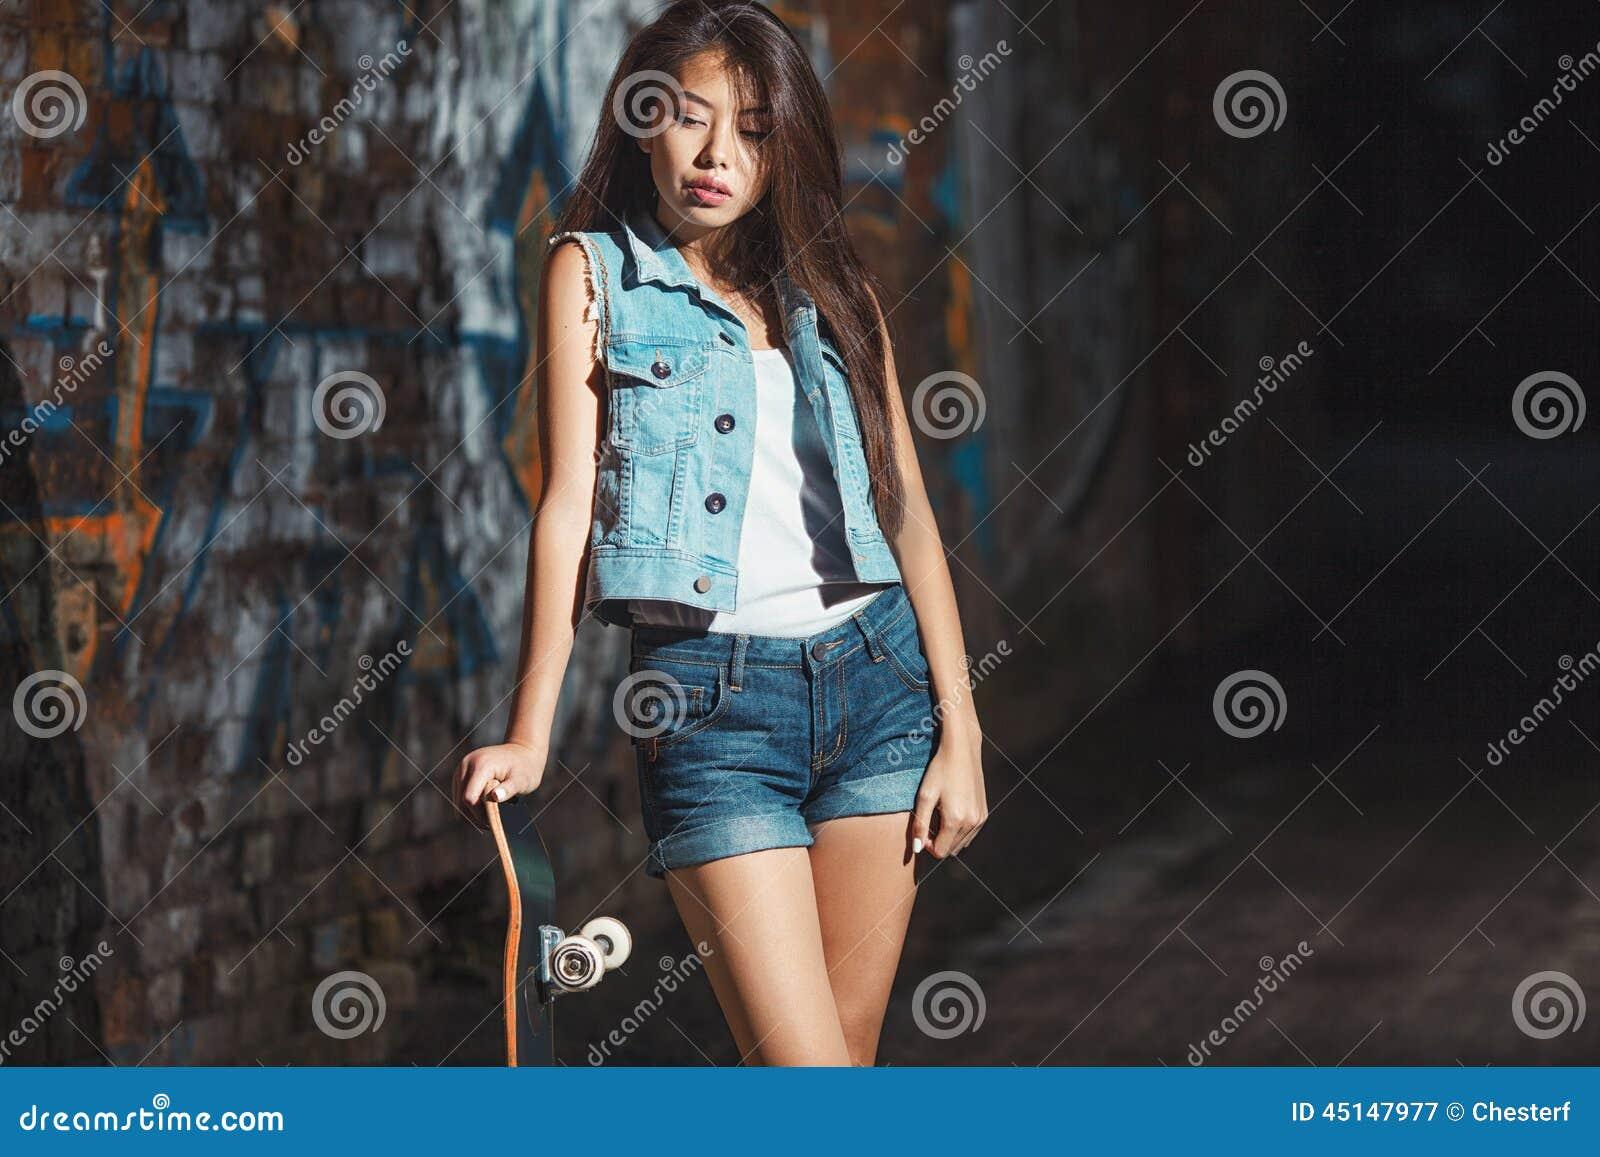 Jugendlich Mädchen mit Rochenbrett, städtischer Lebensstil